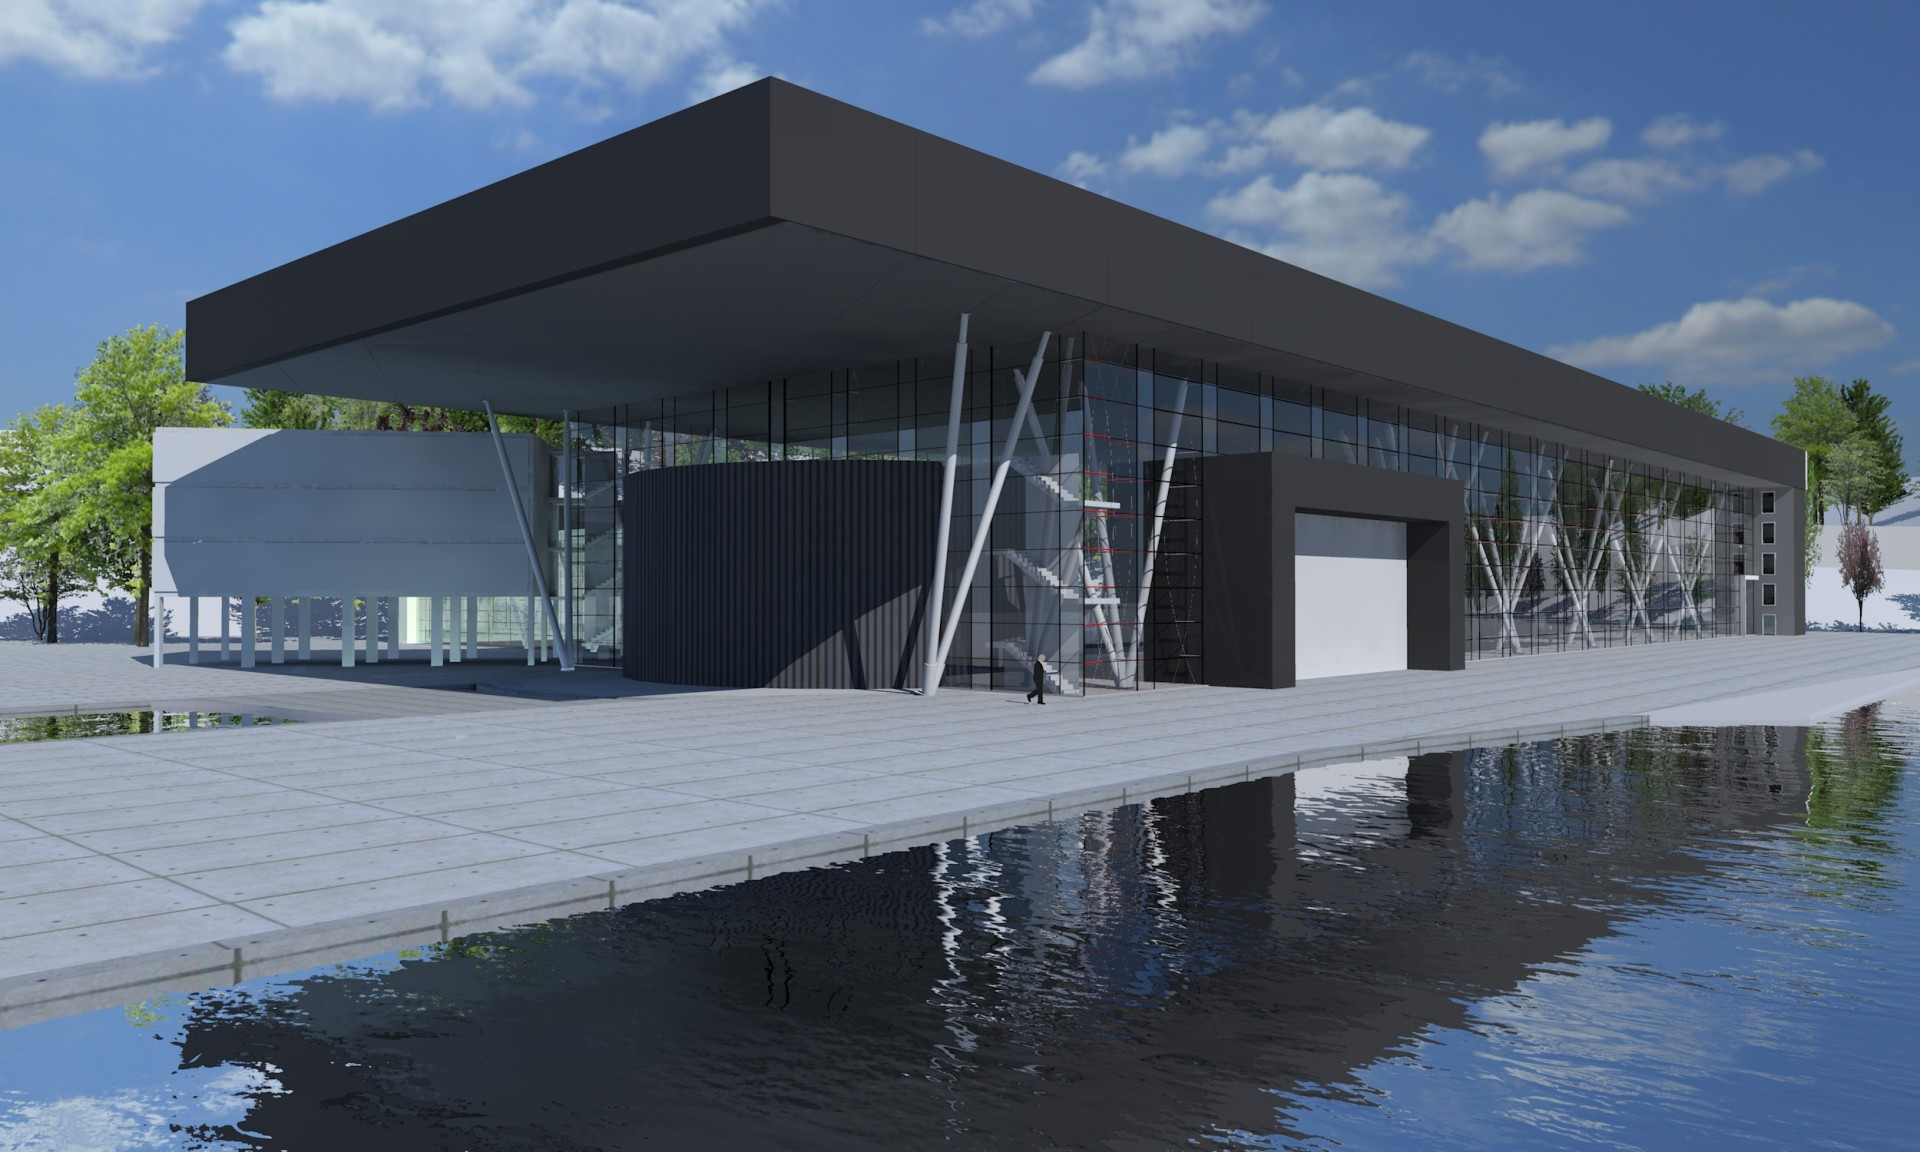 thinking architects ARCHITEKT Jakub Gwizdała Hala produkcyjna w Sassnitz modern architecture poland, germany, Niemcy